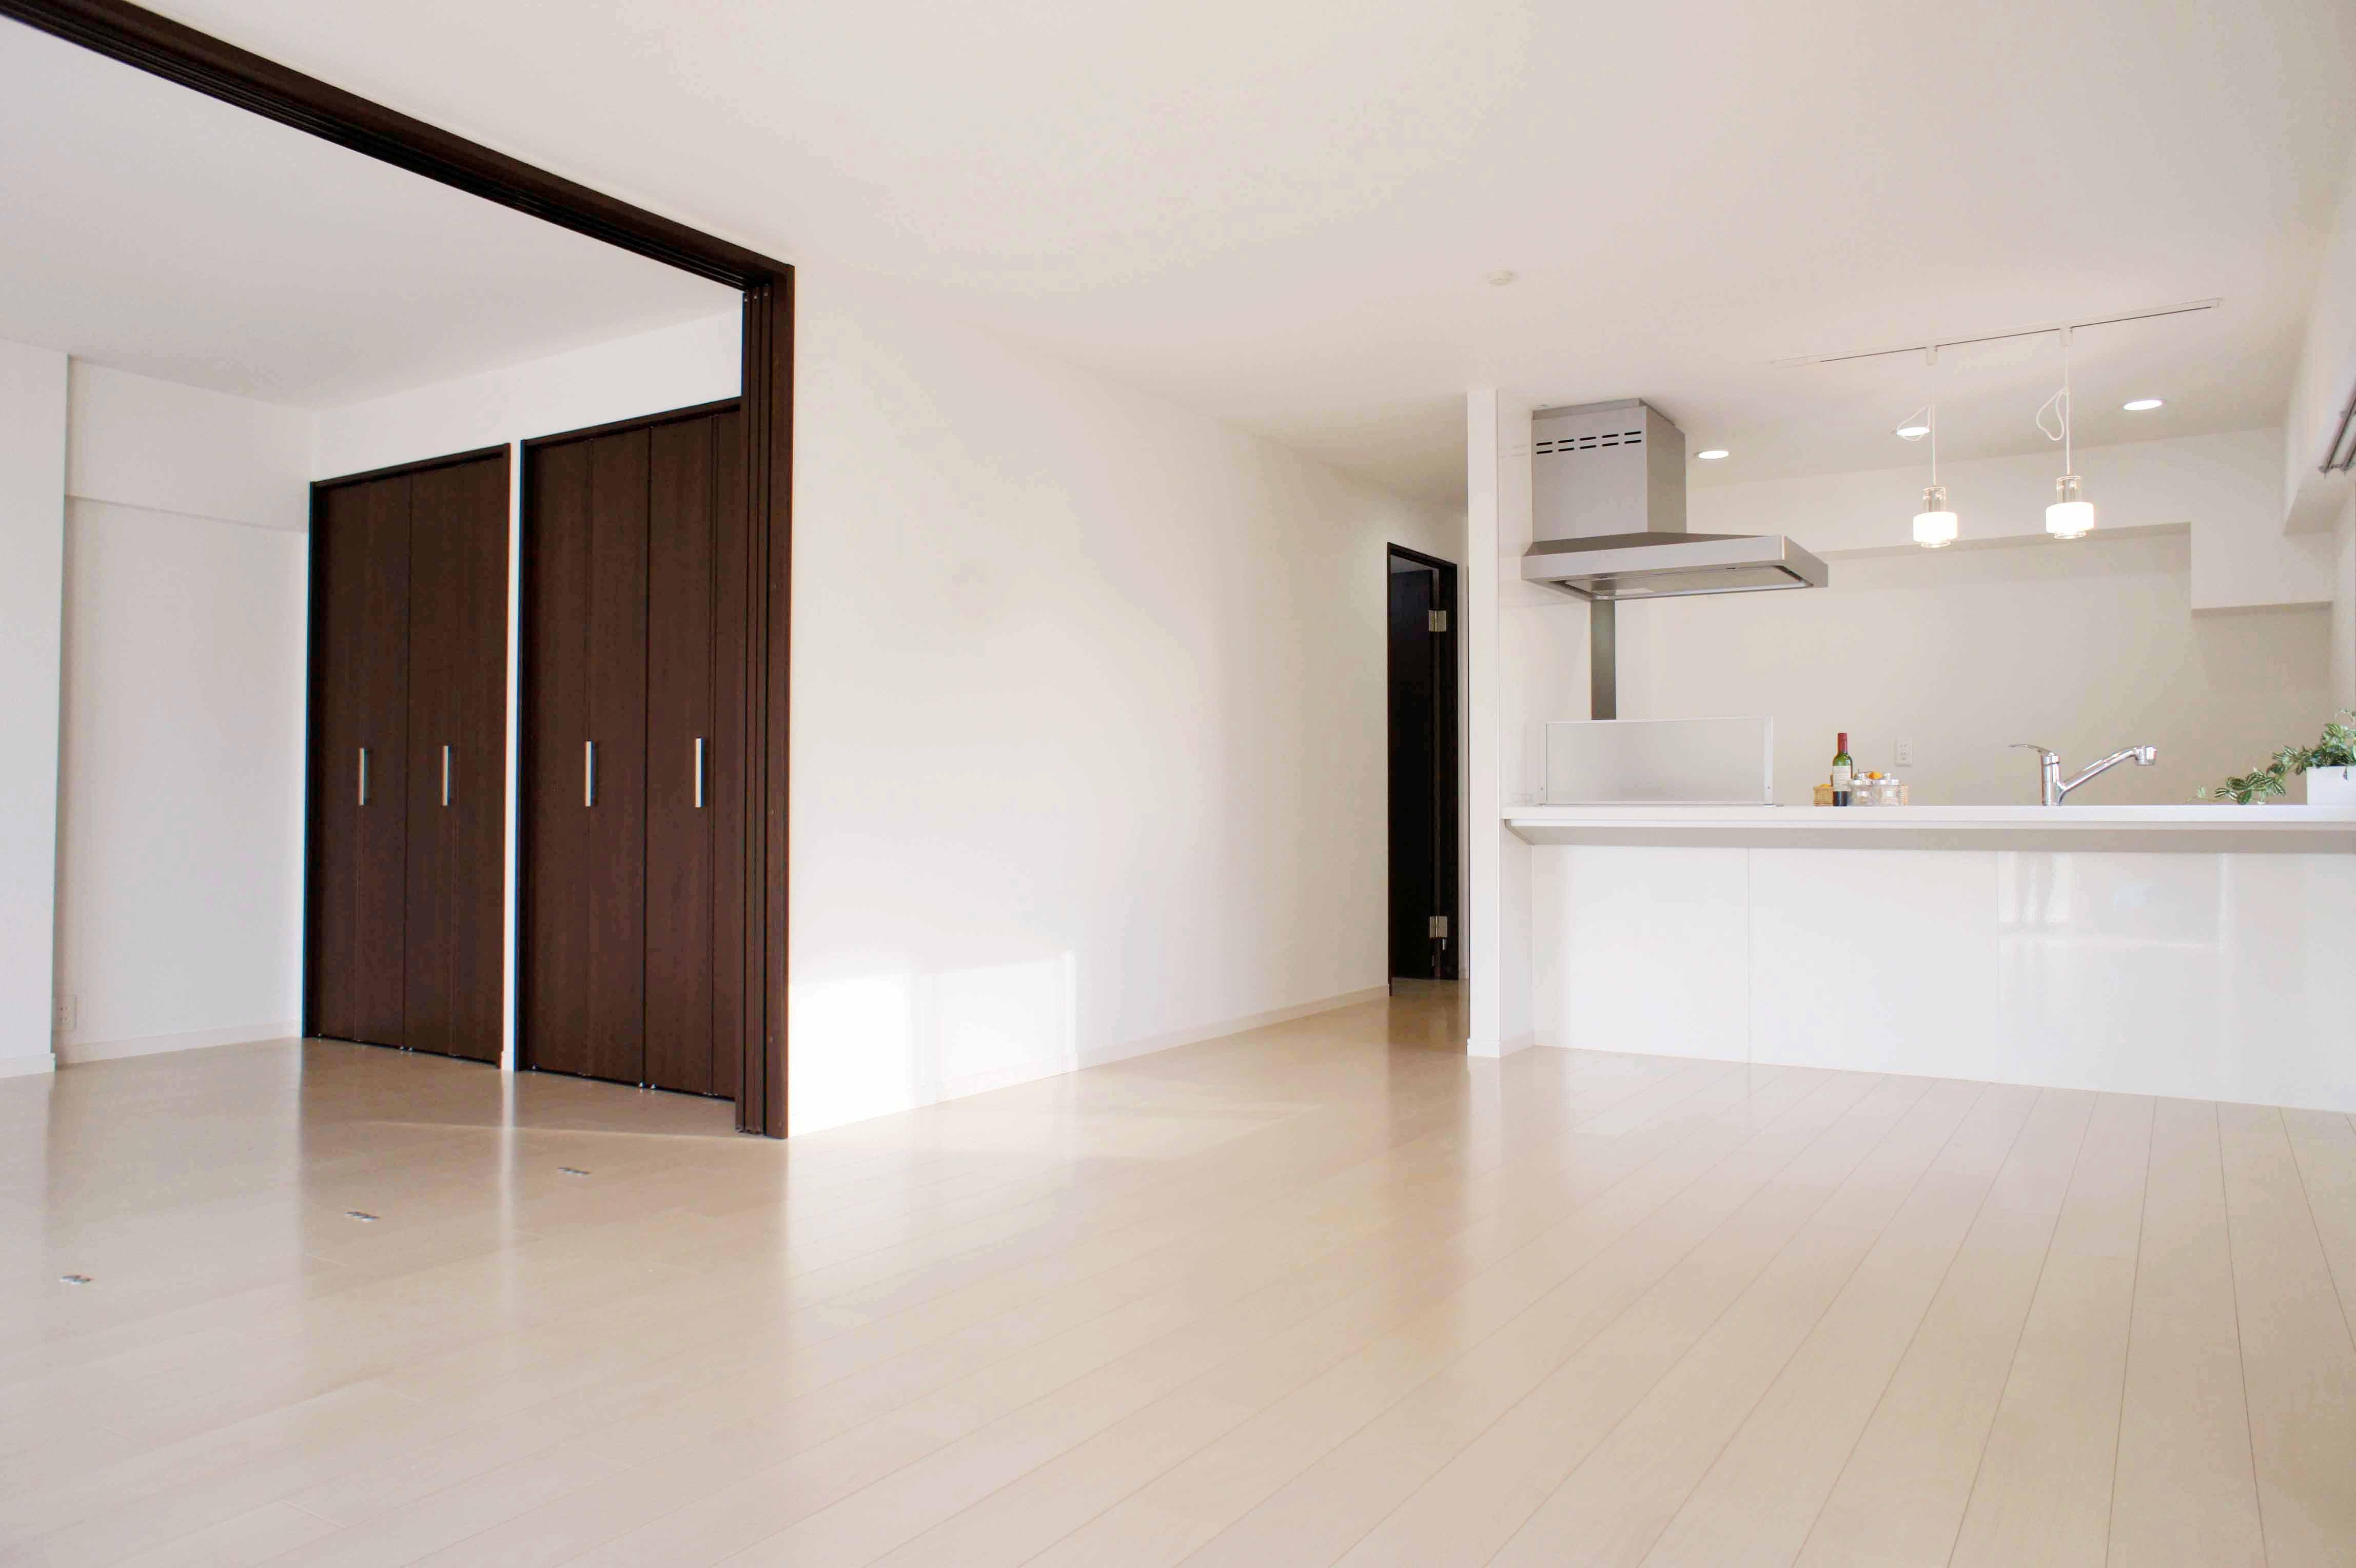 マンションリノベーション・築40年 明るく開放的な住まいに。